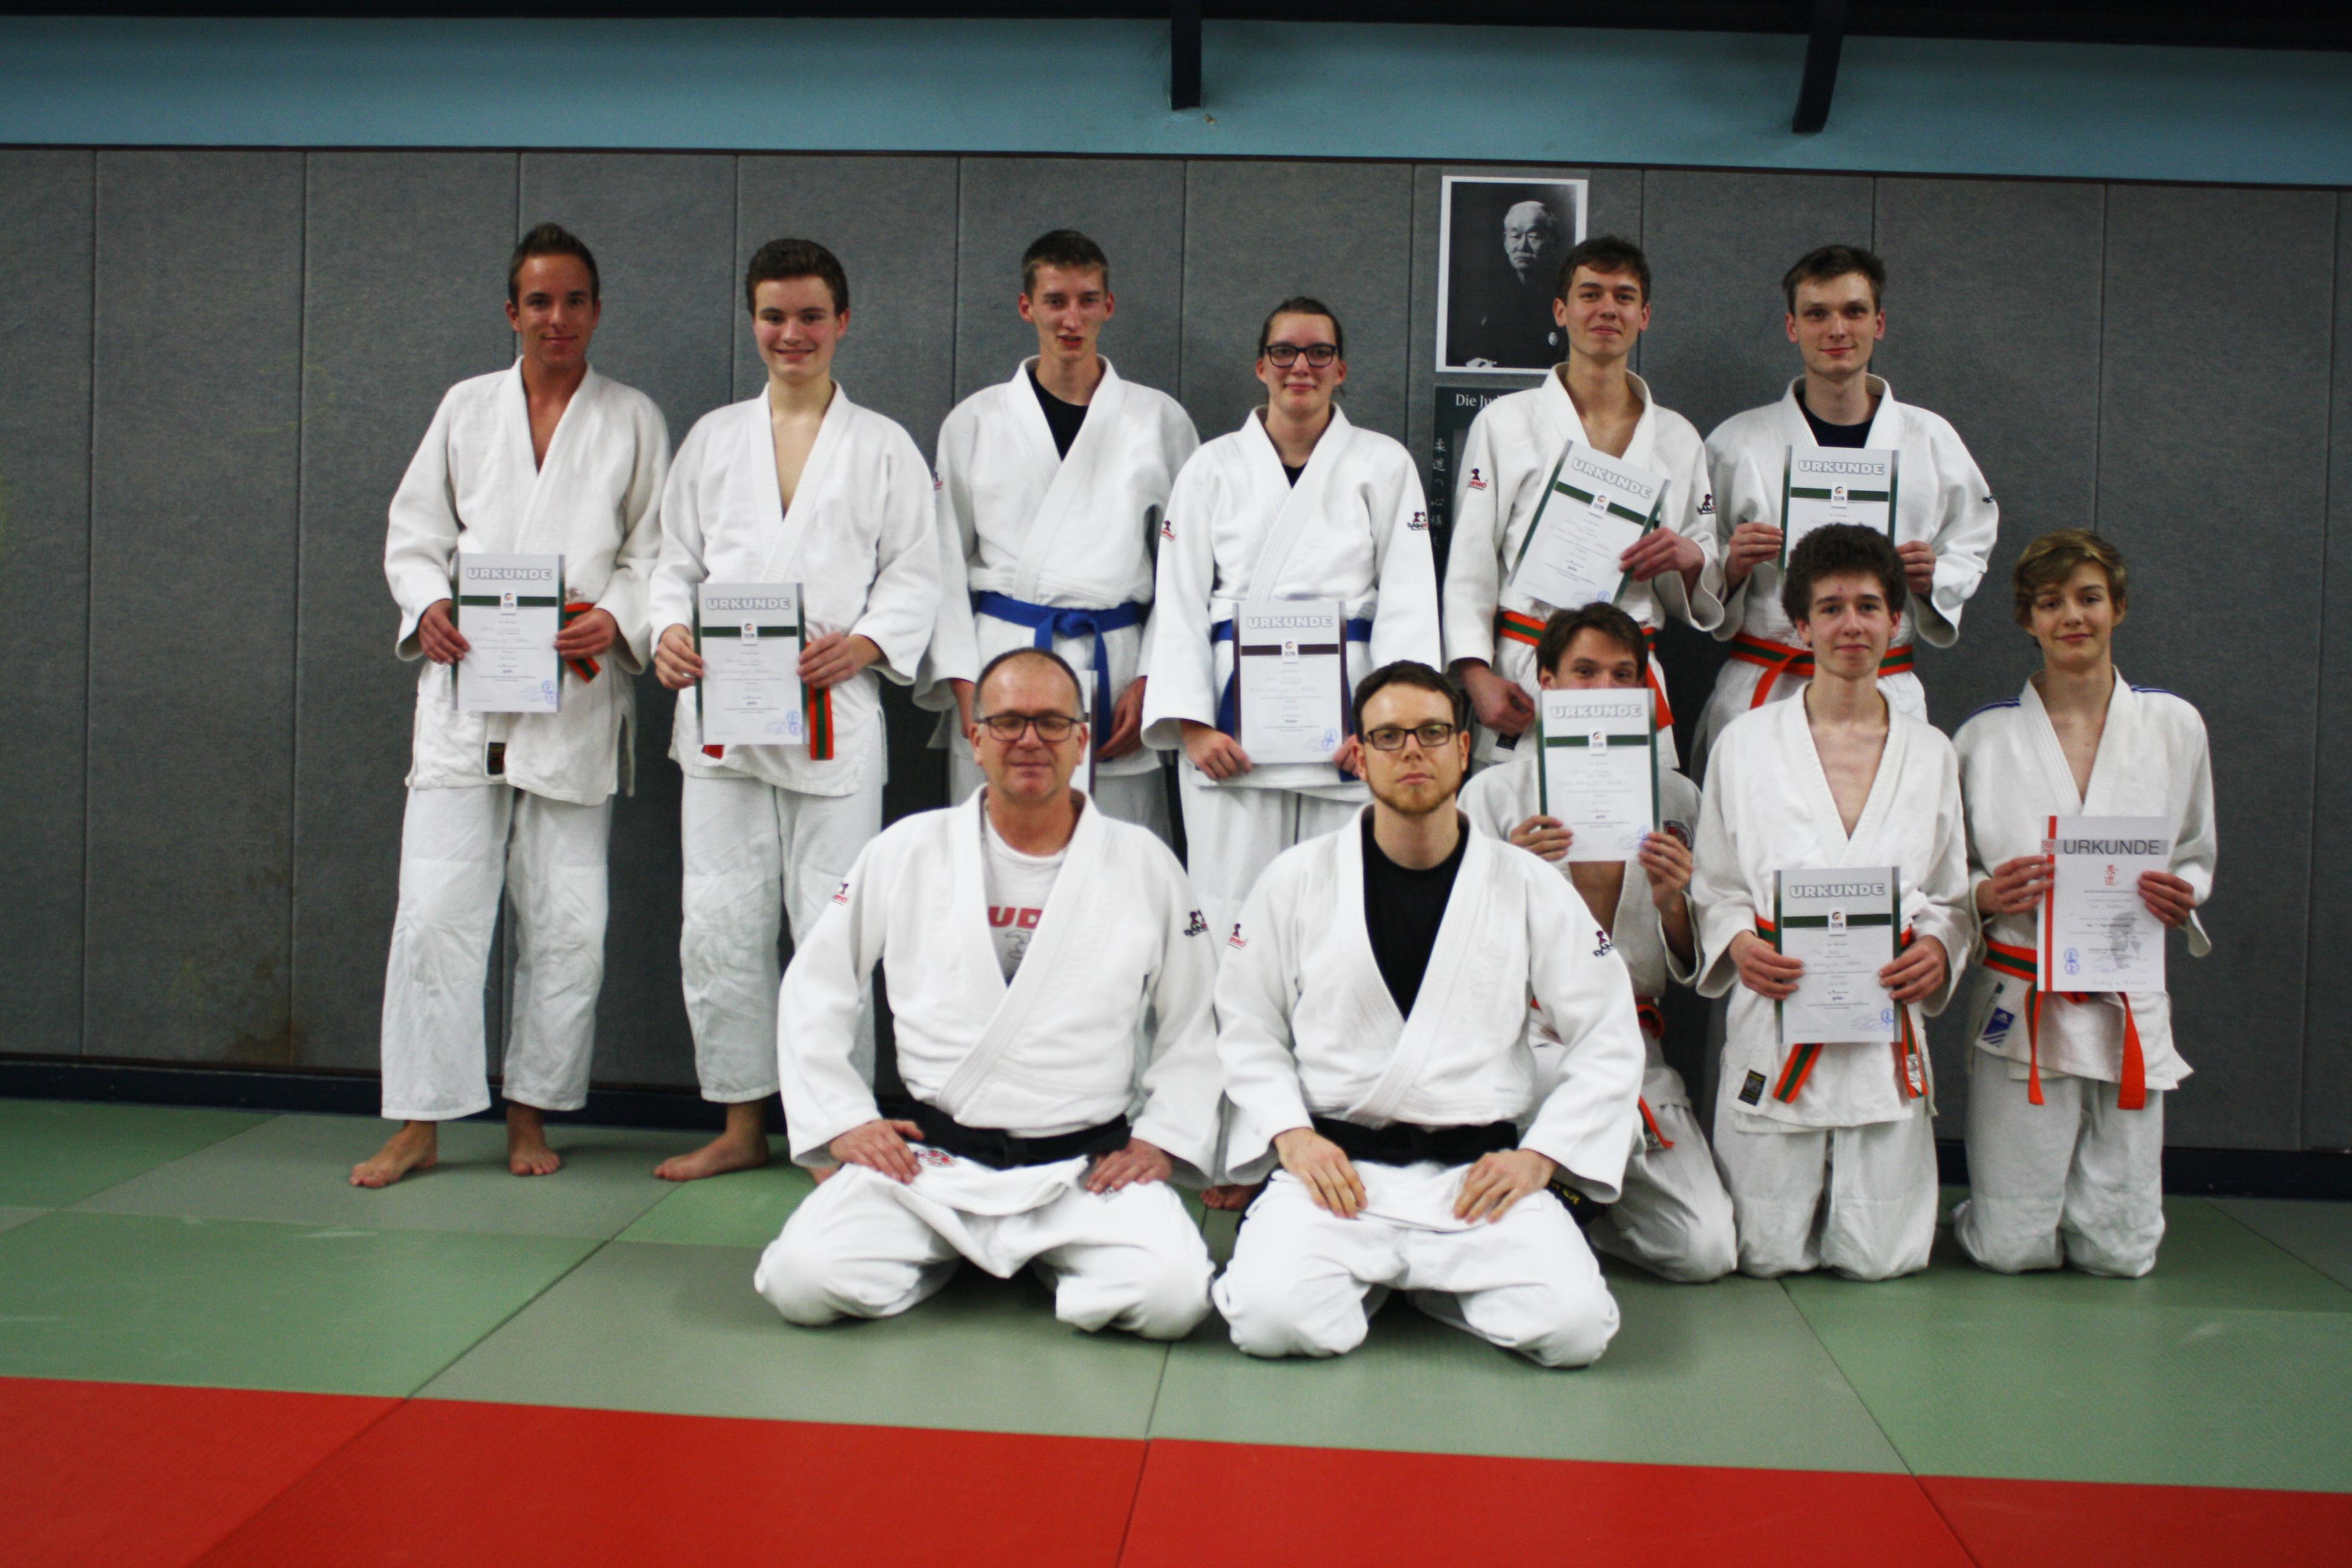 Jugendliche Judoka mit Urkunden nach der Prüfung zum 3. und 1. Kyu